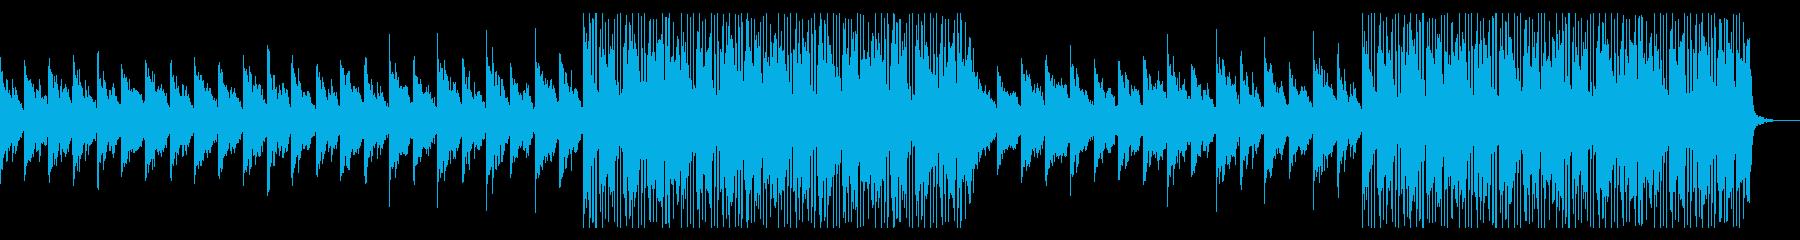 ダークな雰囲気のトラップ風BGMの再生済みの波形